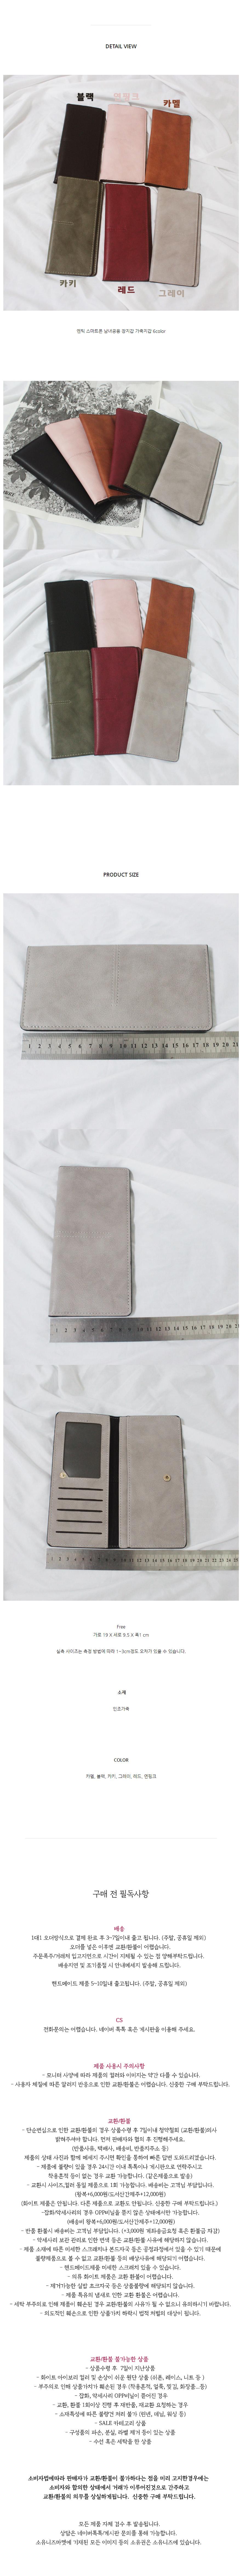 엔틱 스마트폰 남녀공용 장지갑 가죽지갑 6color - 소유니즈마켓, 10,000원, 여성지갑, 장/중지갑